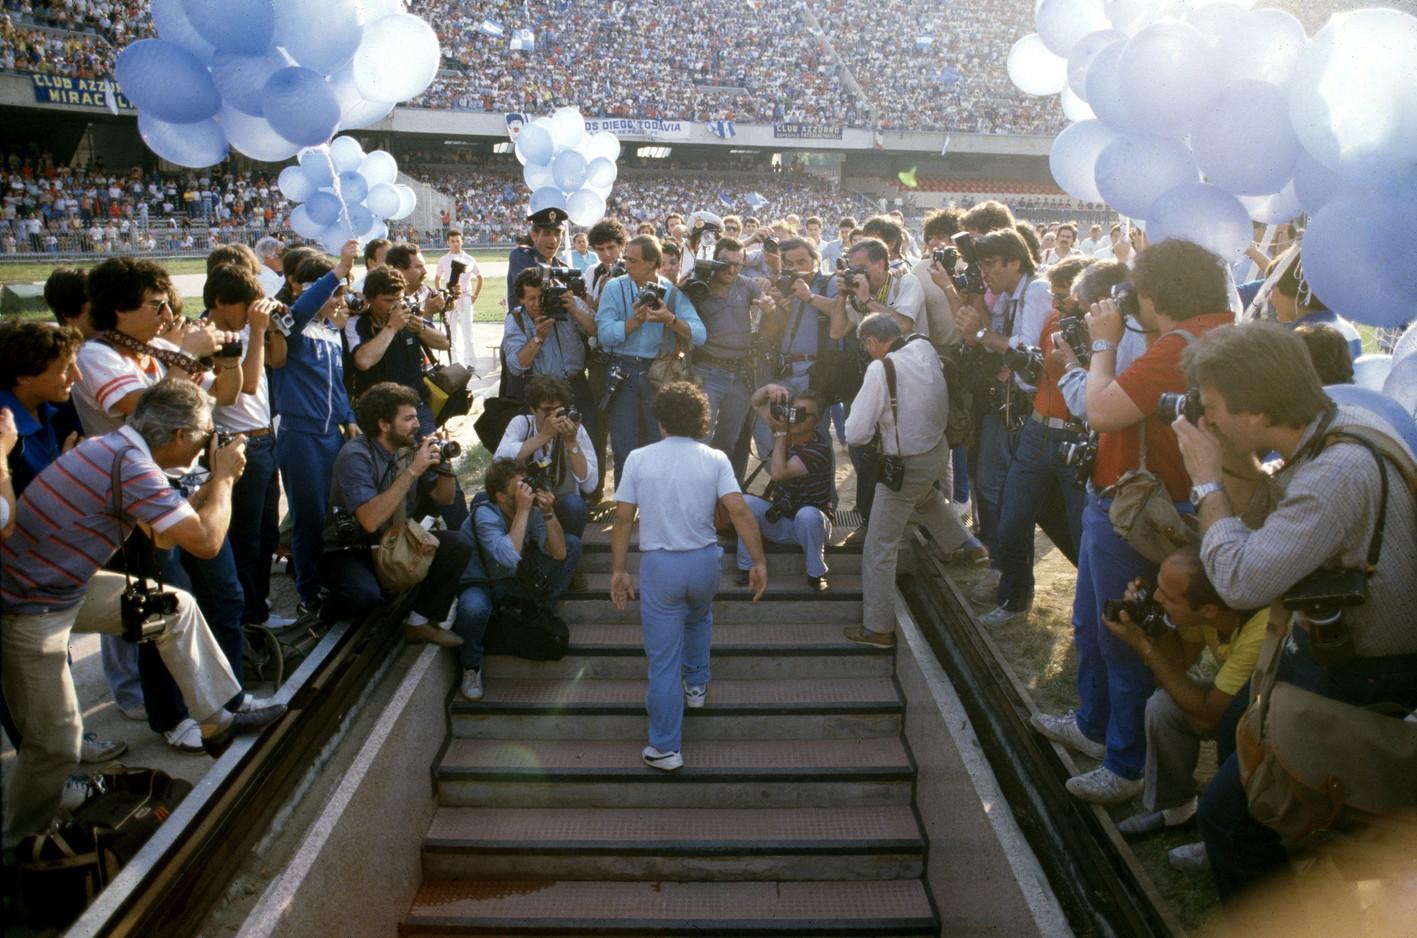 5 luglio 1984: Maradona viene presentato allo stadio San Paolo di Napoli in un bagno di folla.